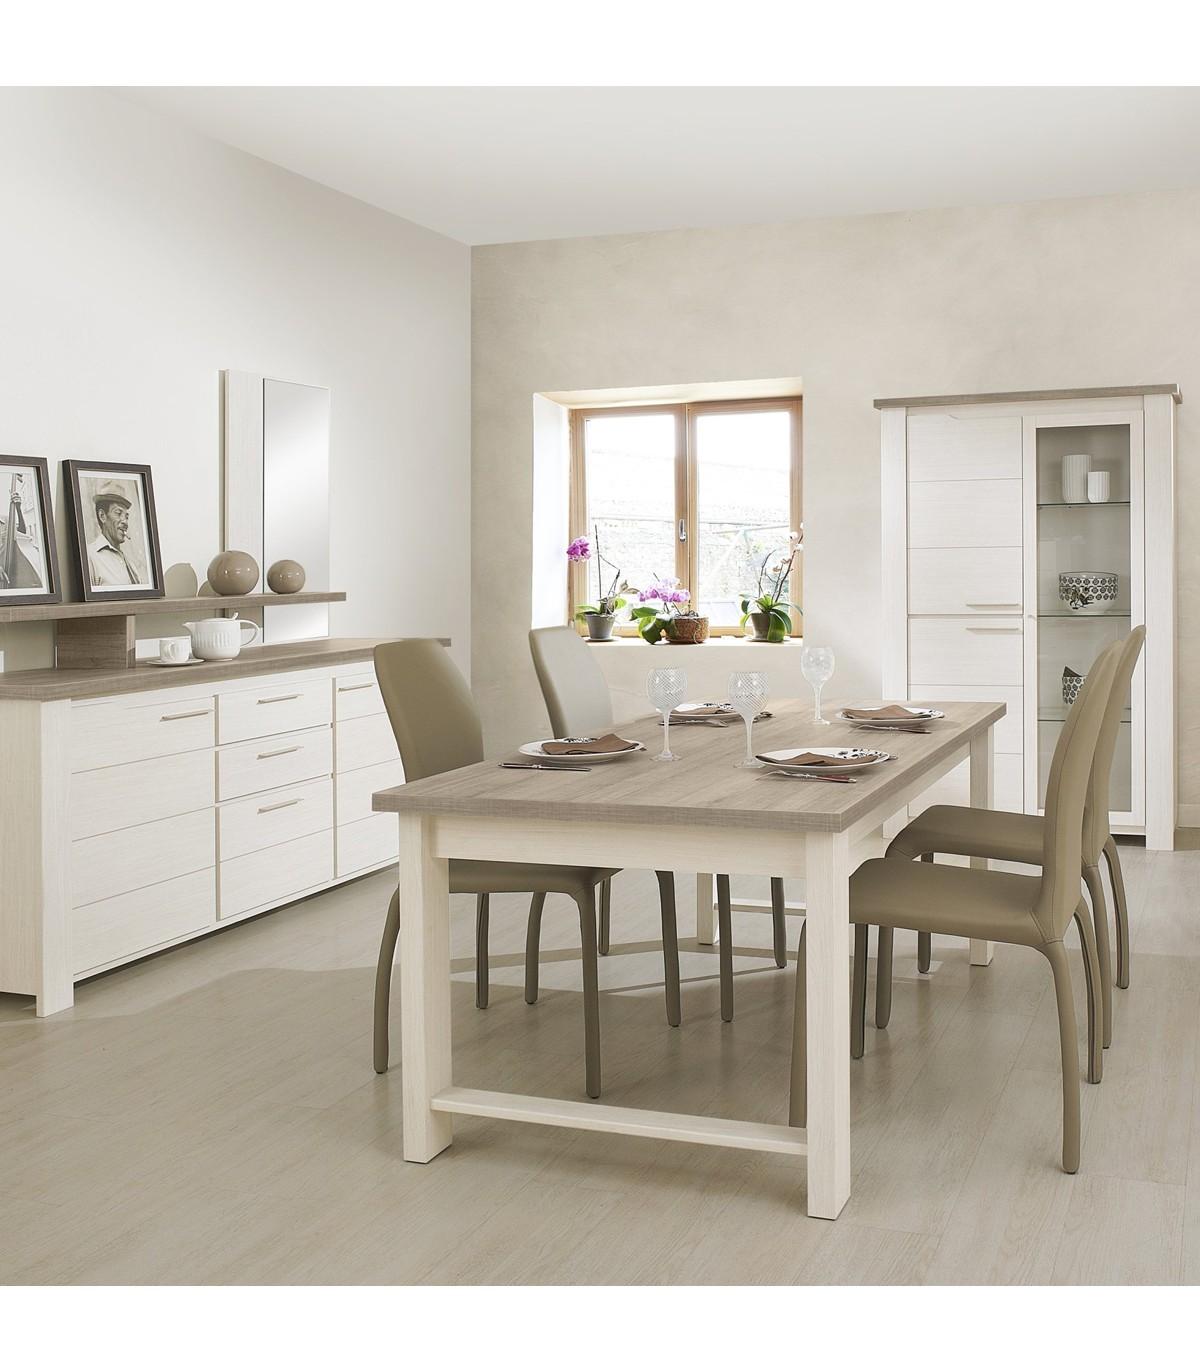 Table à manger rectangulaire couleur bois et blanc - L225cm